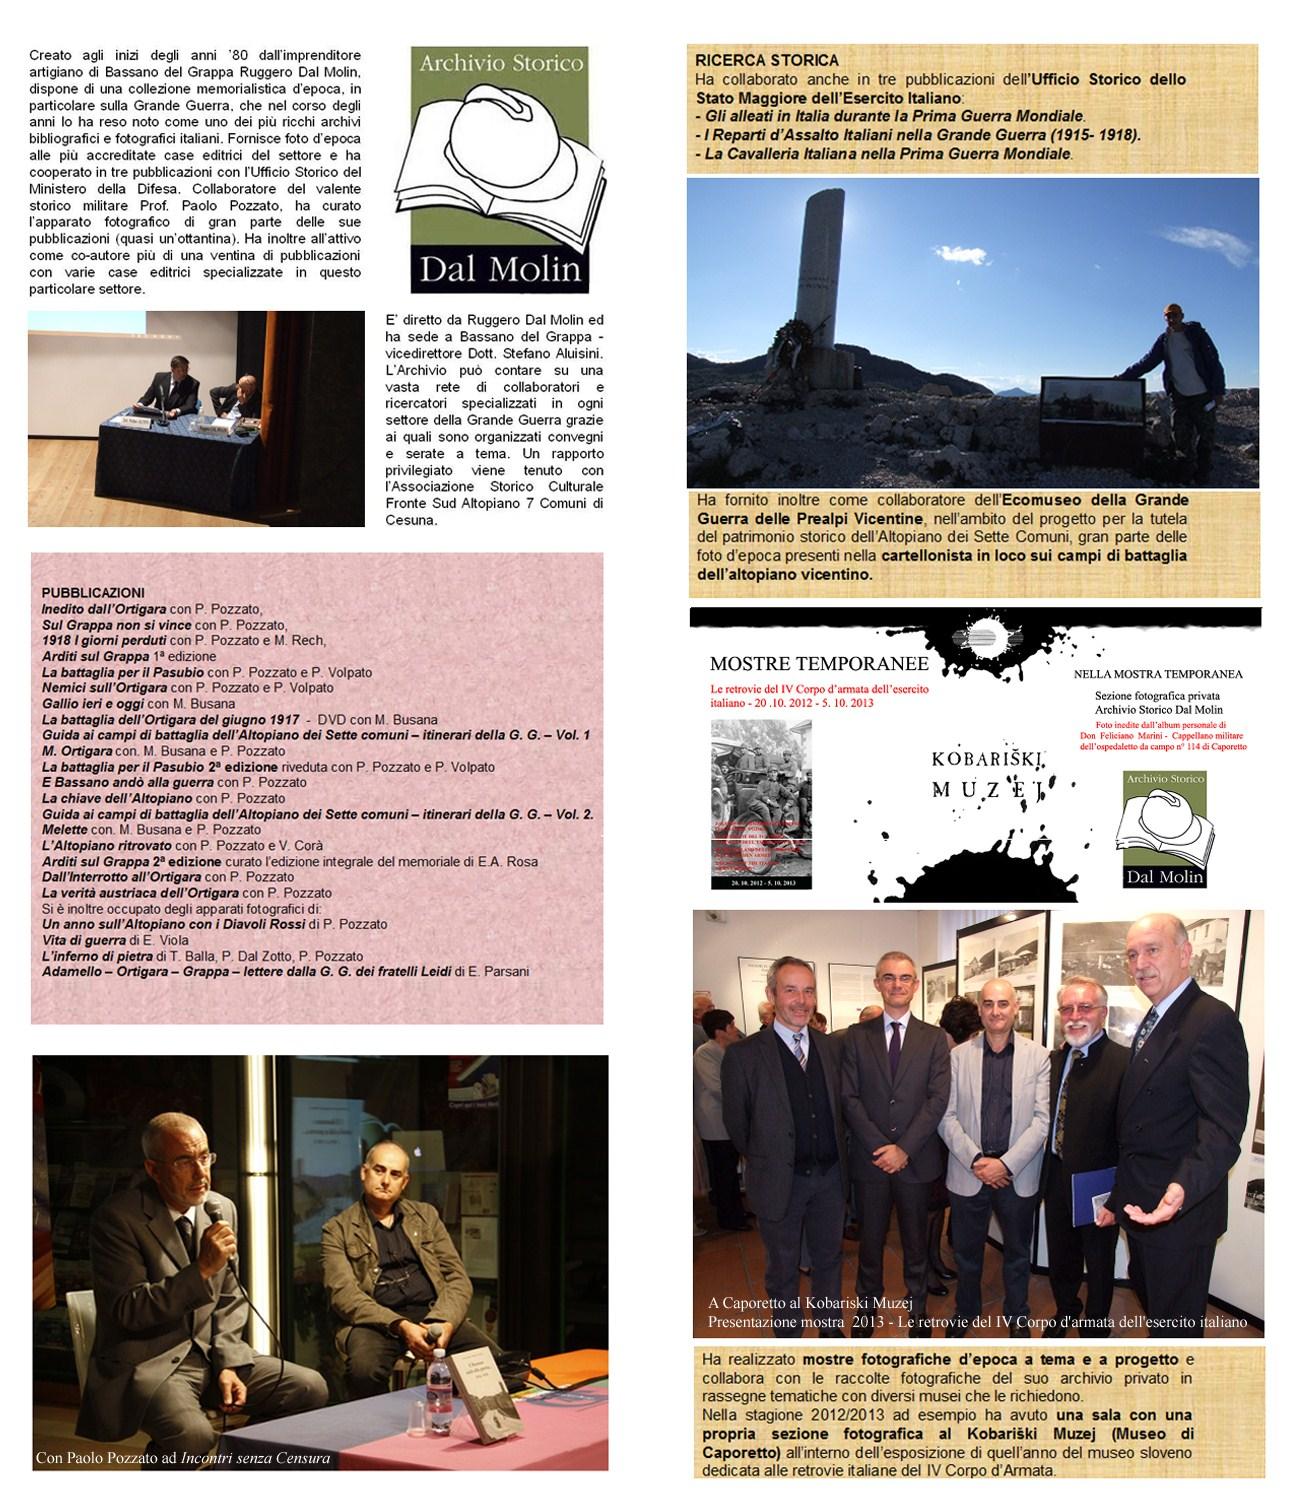 01 - Archivio Storico Dal Molin - informativa - Copia.JPG